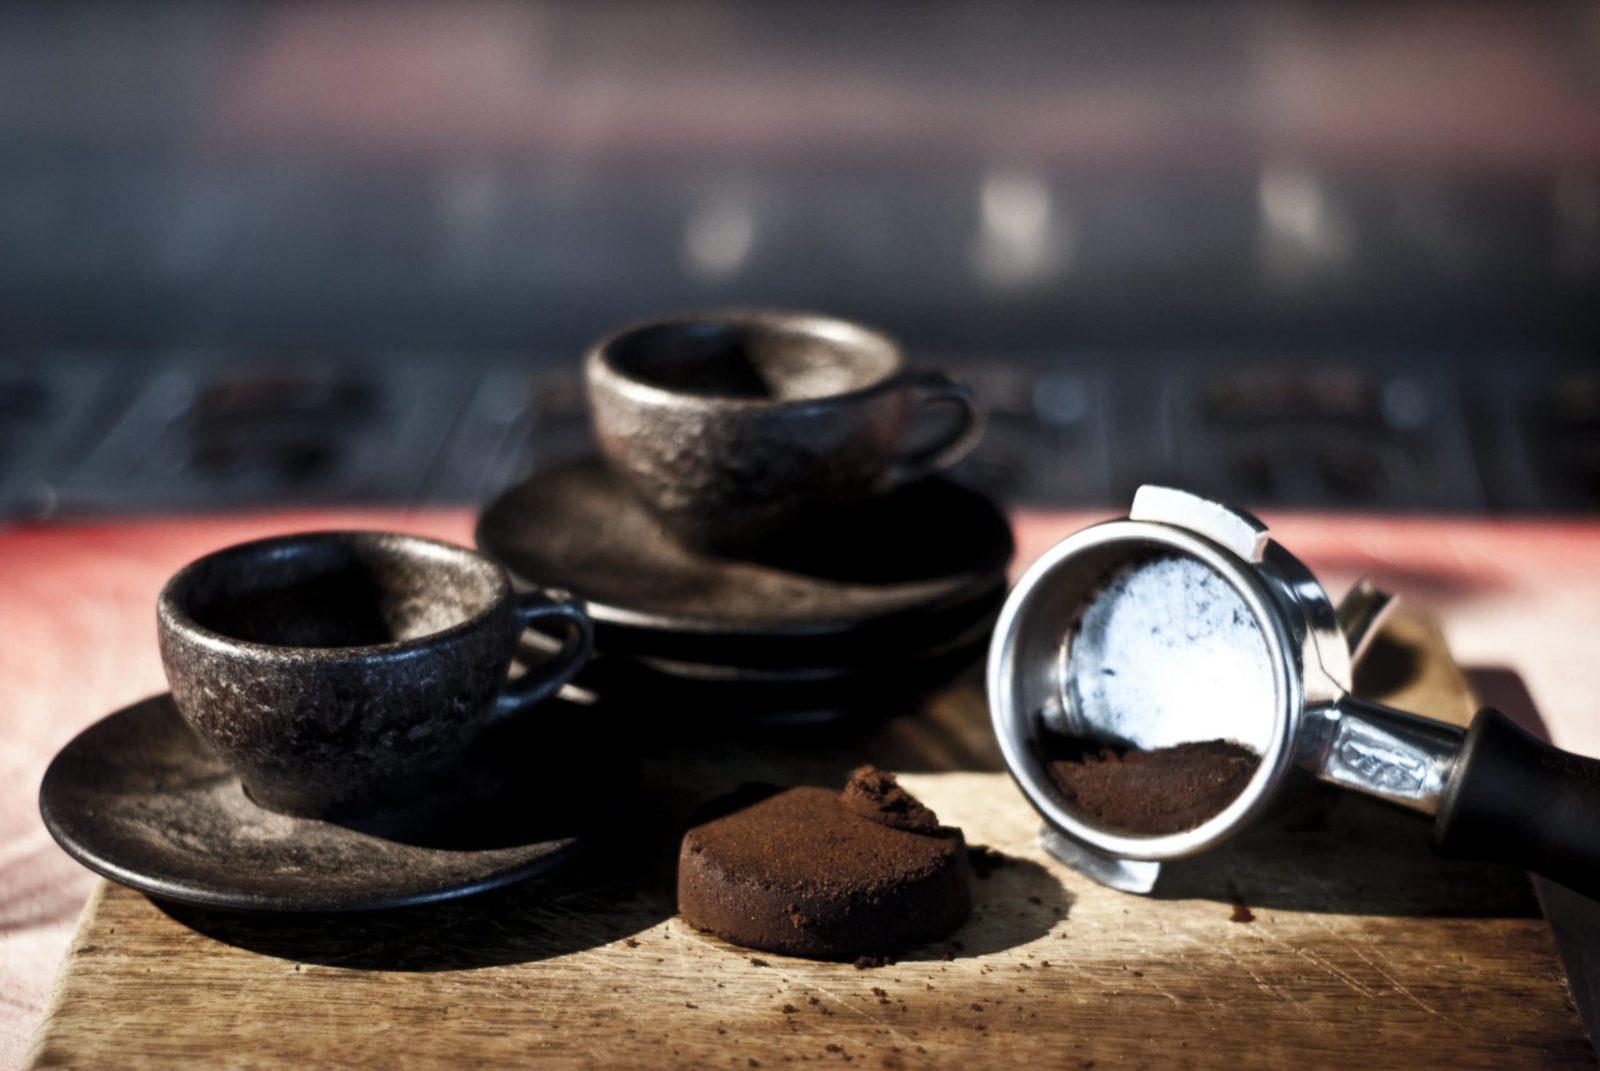 Kaffeeform Espressotassen (c) Kaffeeform